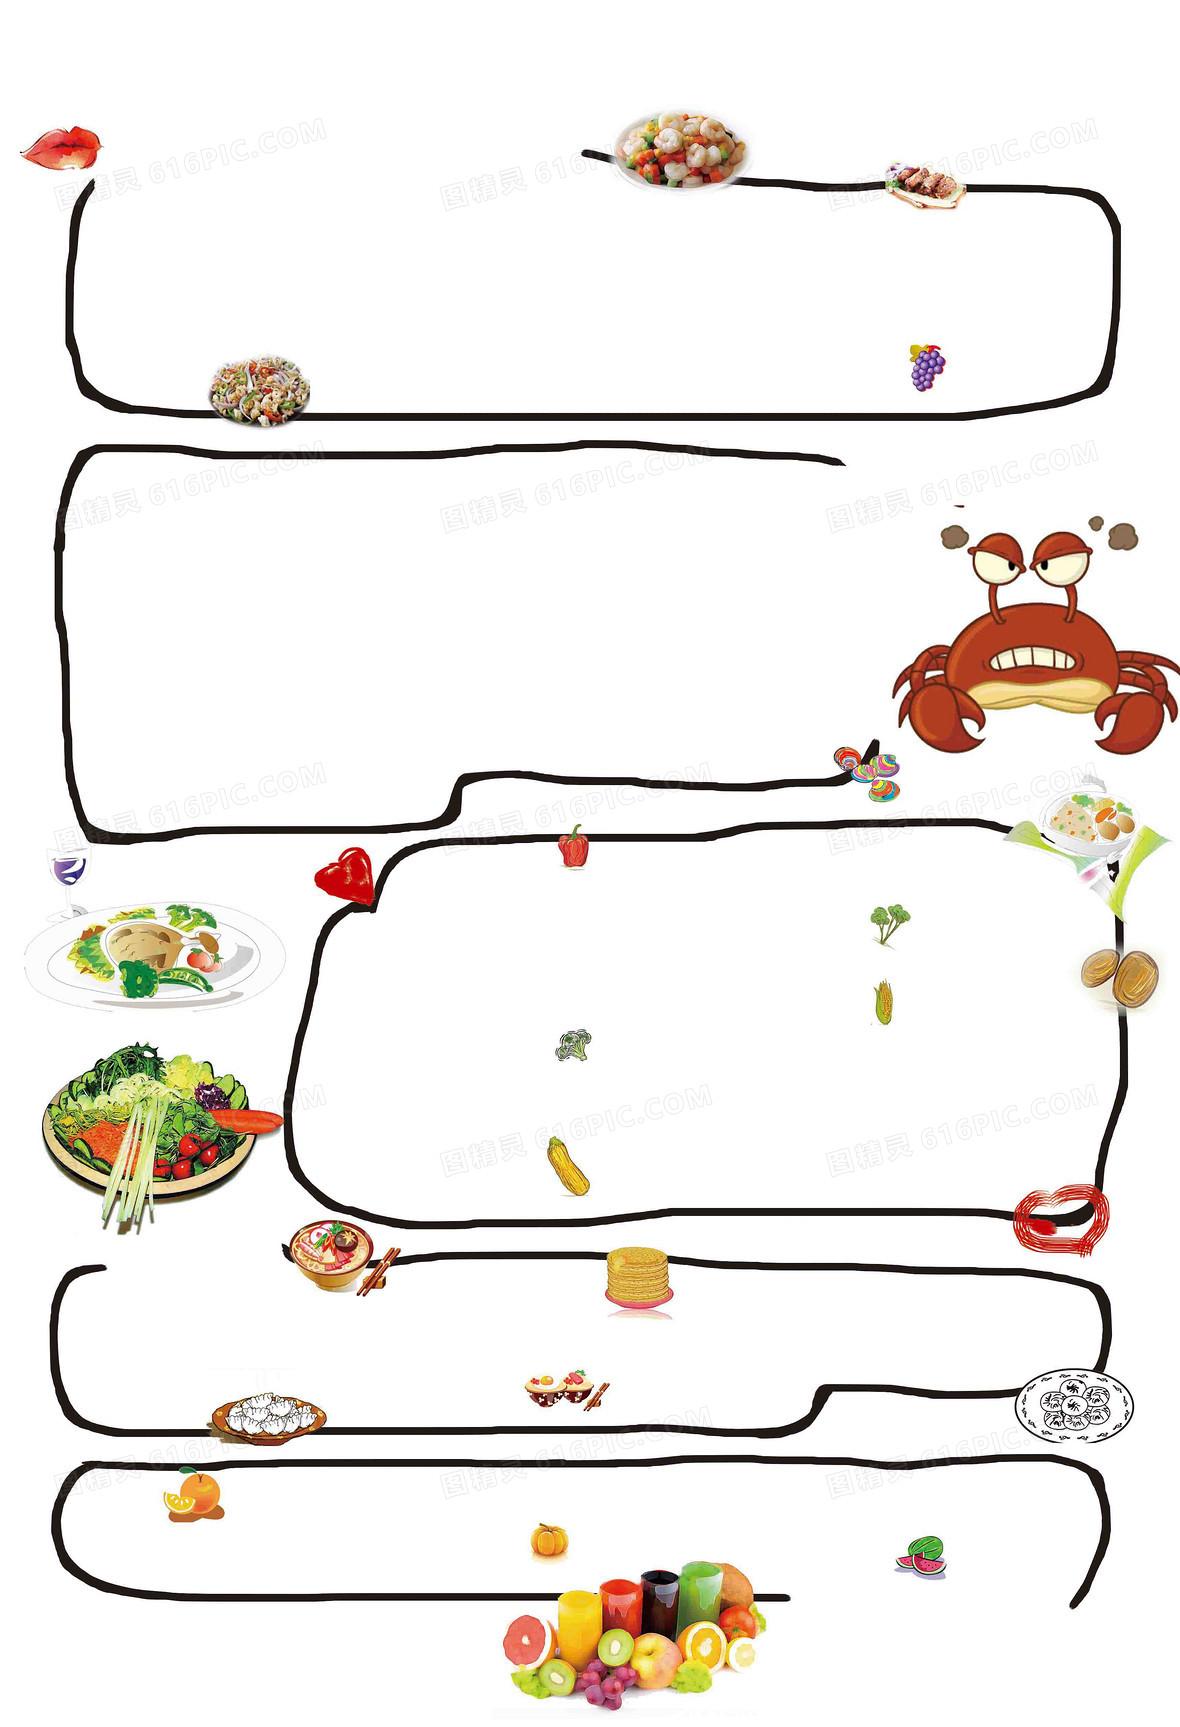 海报水煮螃蟹美食手绘鱼食谱菜单菜谱串儿海鲜安排表6每周图片